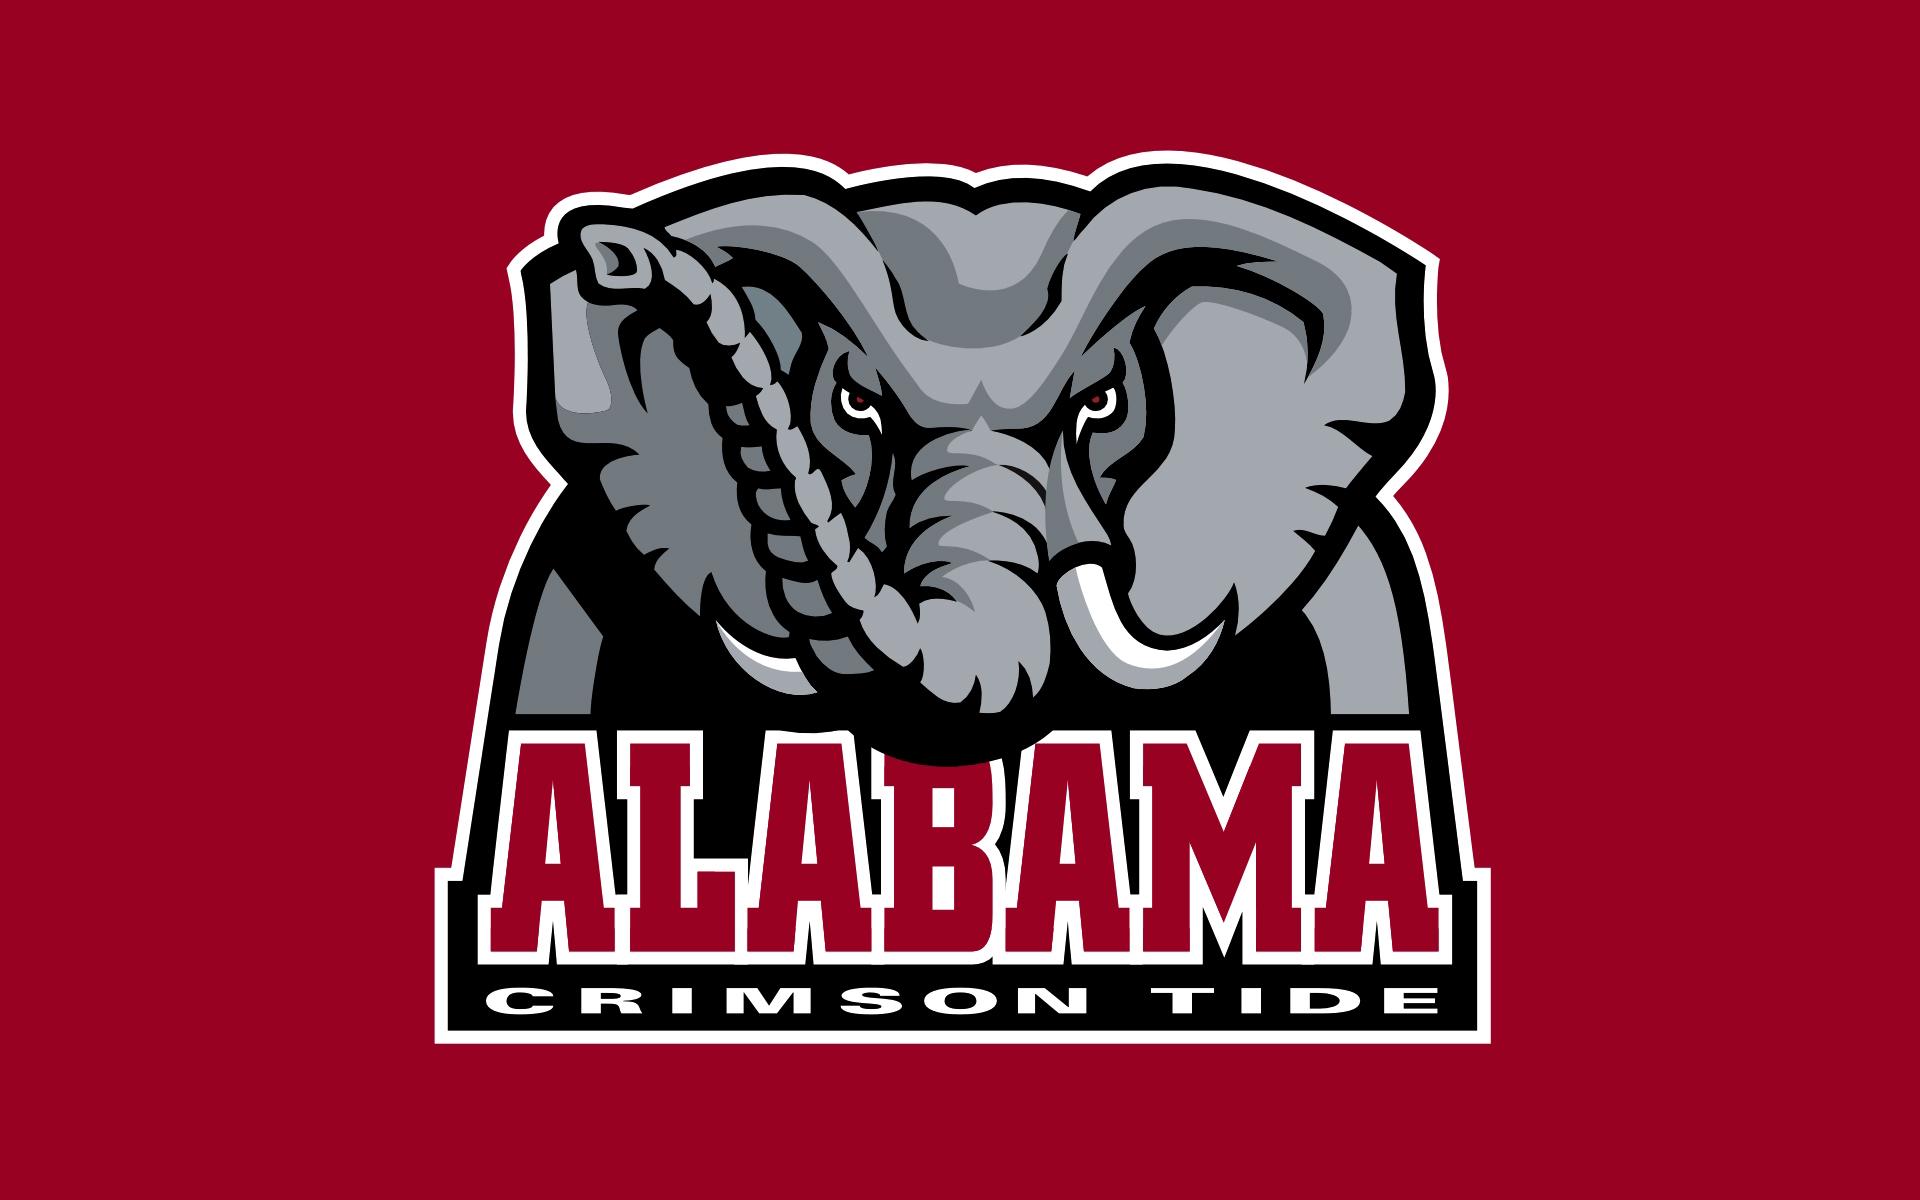 Illustration Logo Cartoon Soccer Poster Brand Alabama Advertising Font Crimson Tide Football